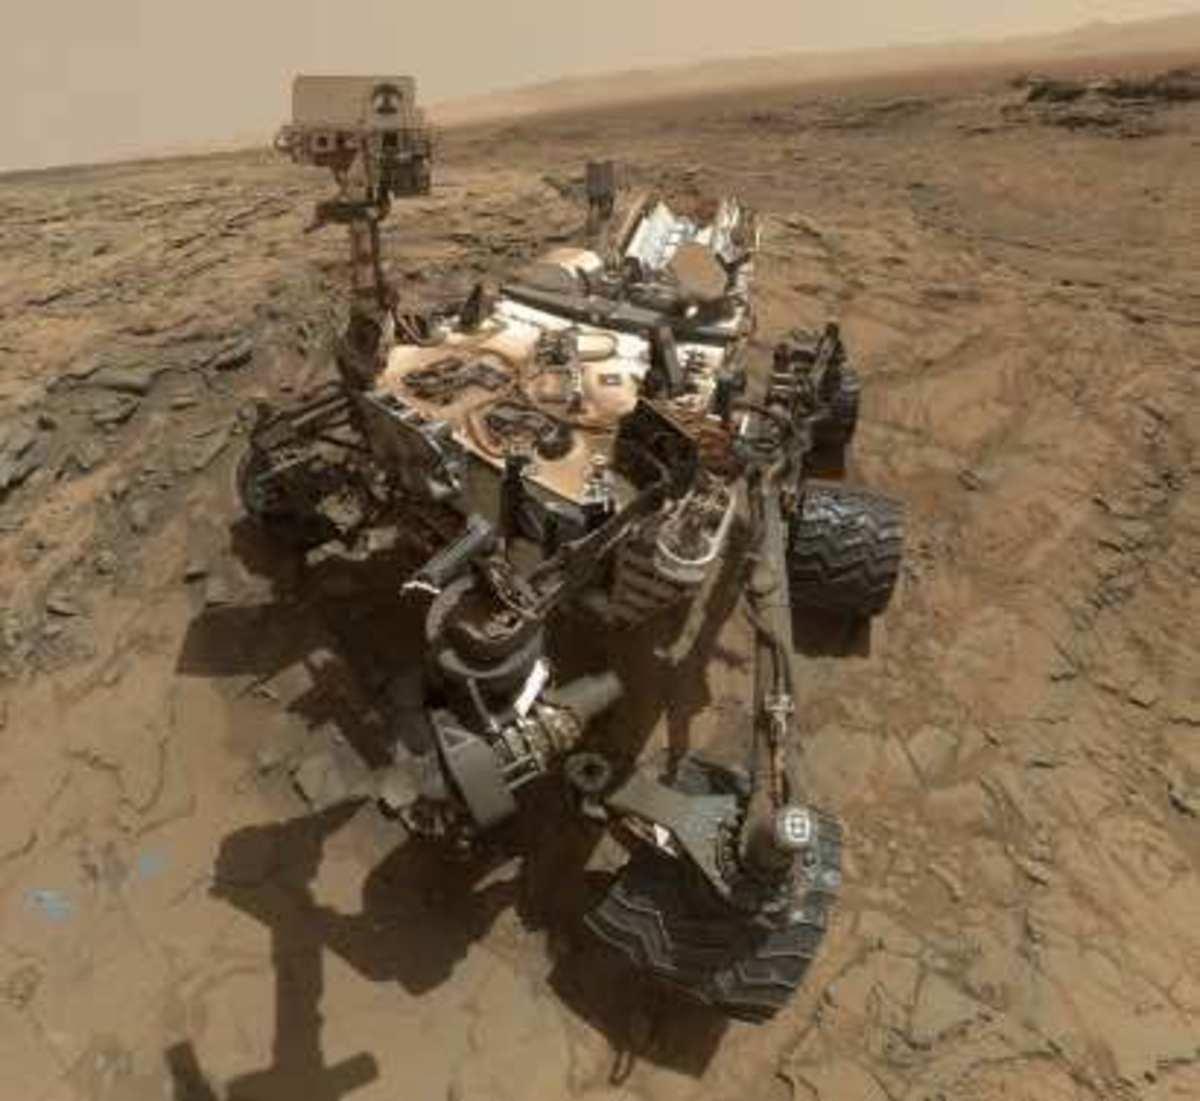 Curiosity Rover Selfie in Bigsky Region of Mars